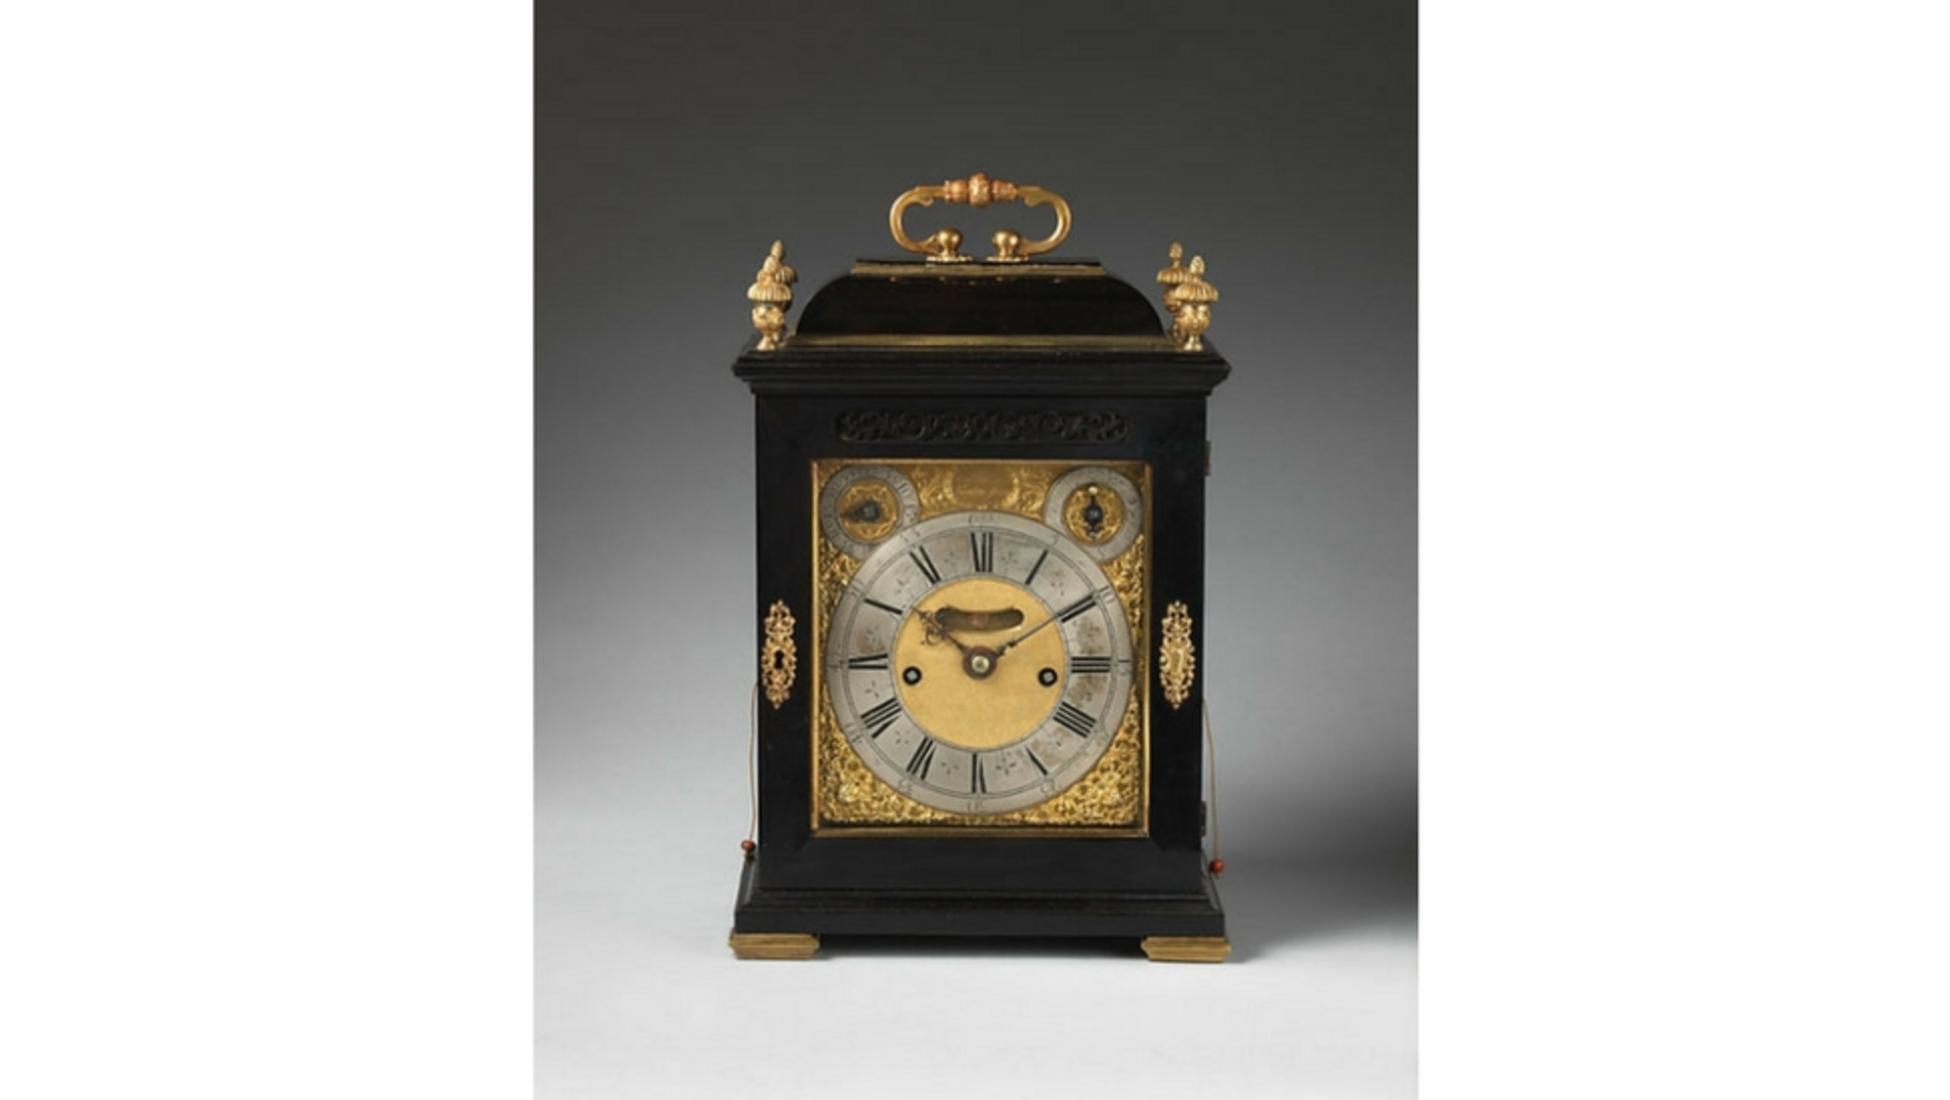 d655262364d Sendo este 1 de 3 relógios produzidos no século XVIII pelo aclamado  relojoeiro britânico